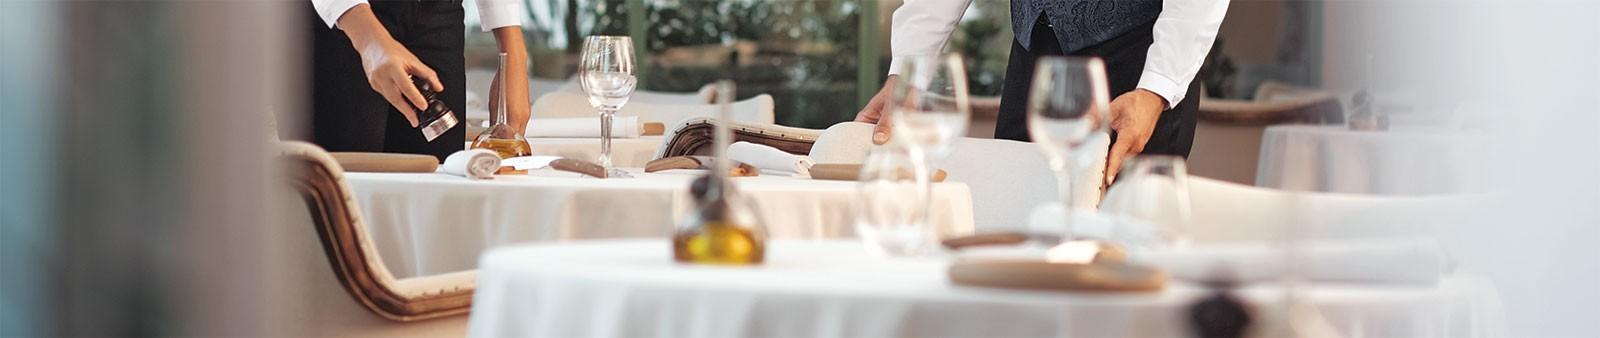 Poloshirts & T-Shirts für Service & Gastronomie